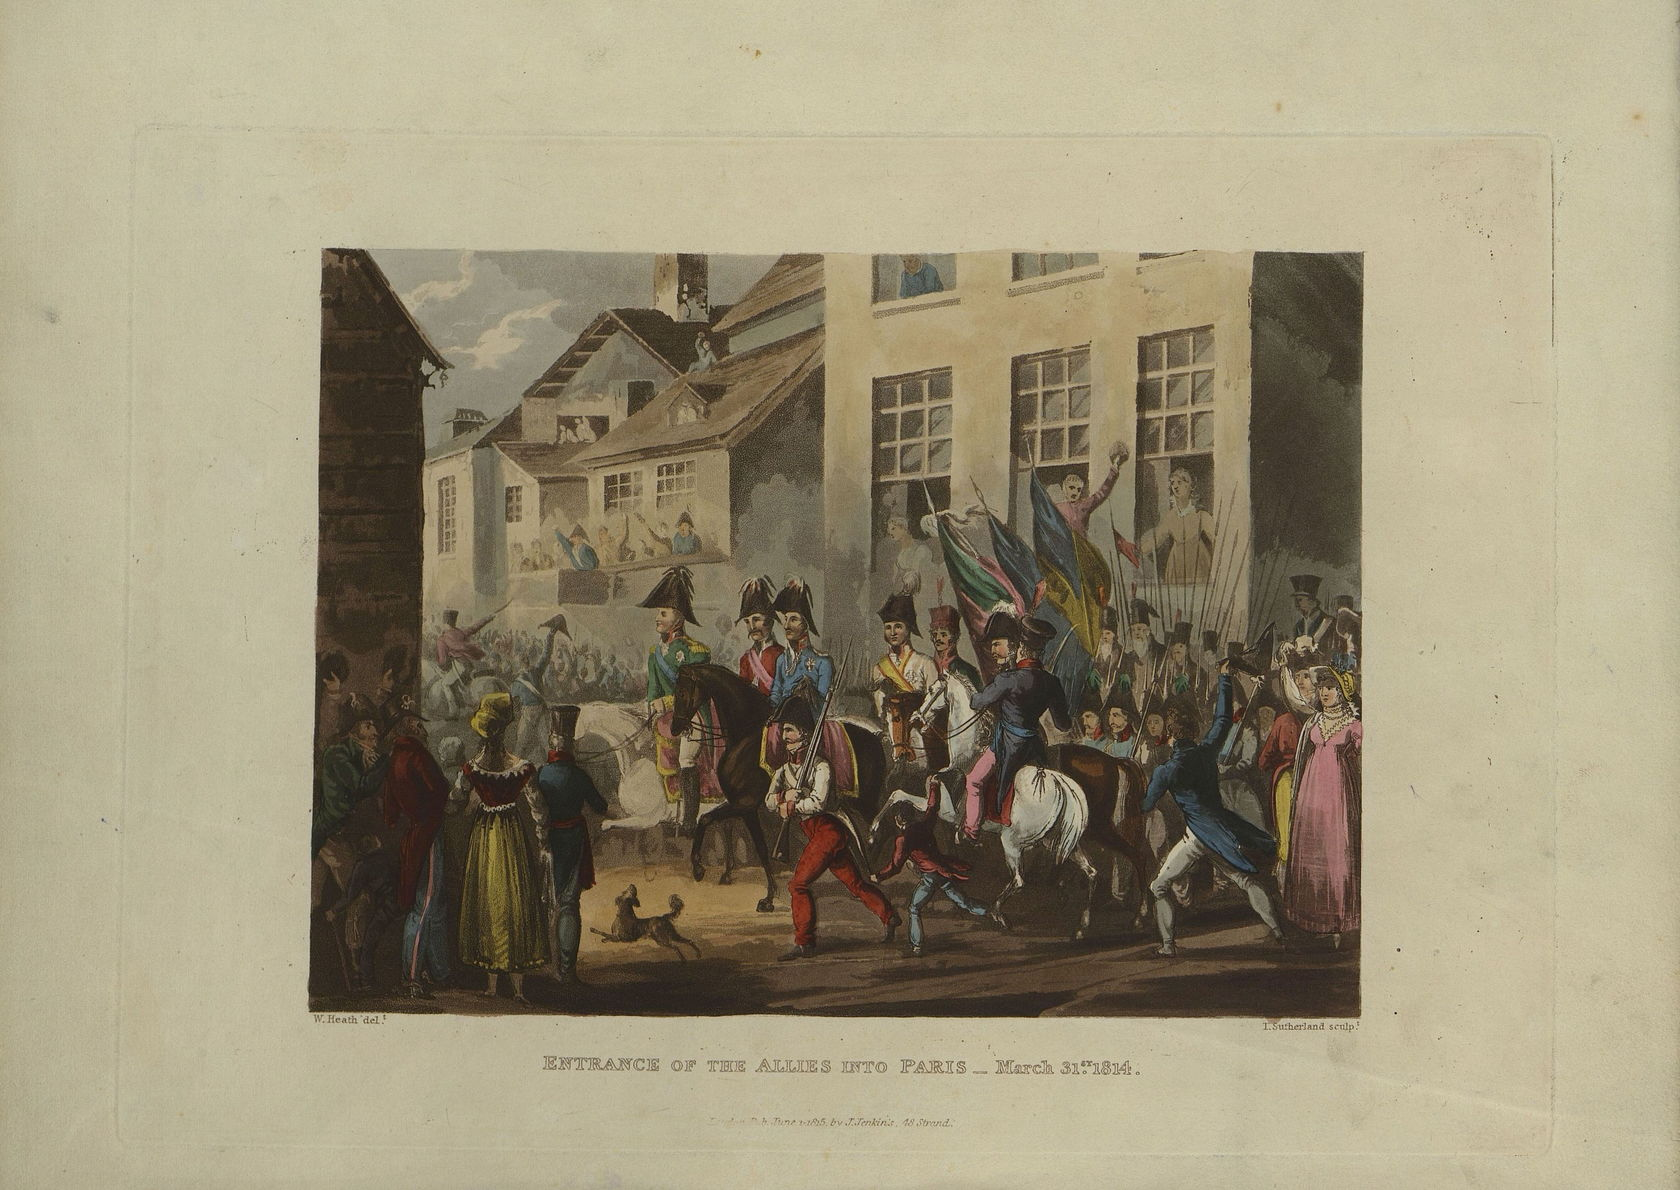 Гравюра Т. Сазерленда по рисунку У. Хита Вступление союзников в Париж 31 марта 1814 г., 1815